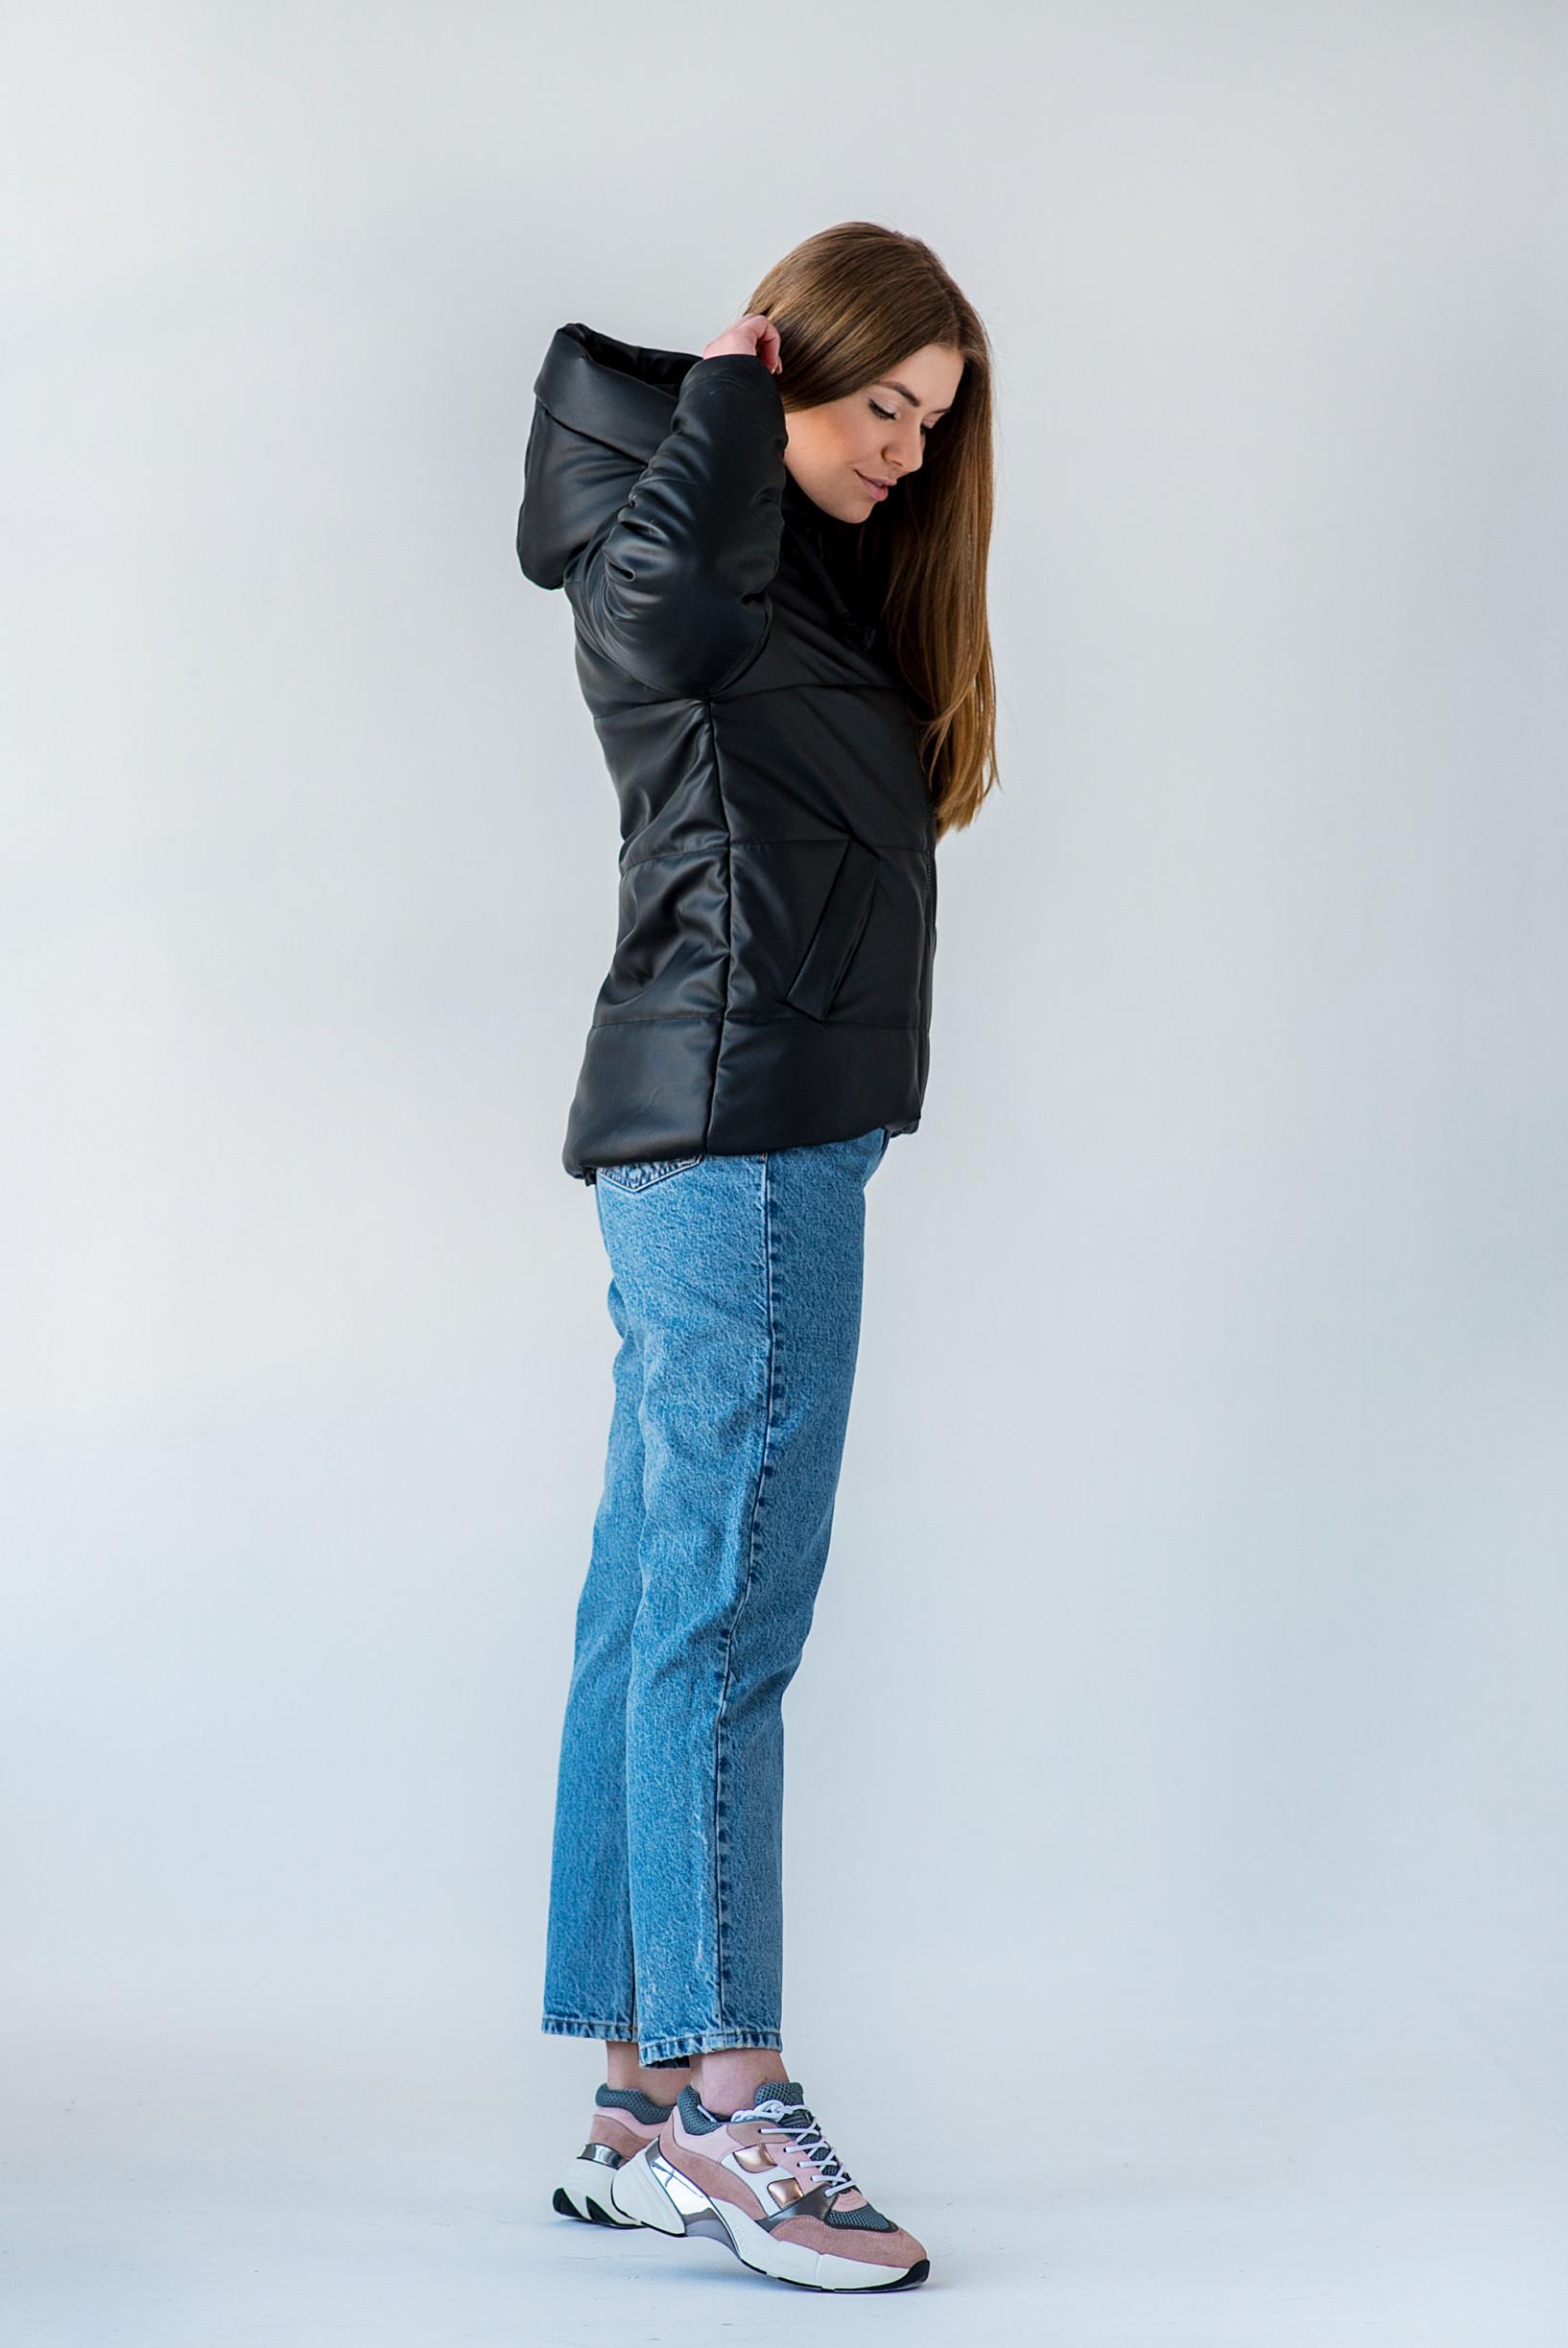 Чёрная куртка из эко-кожи для девушки Франки